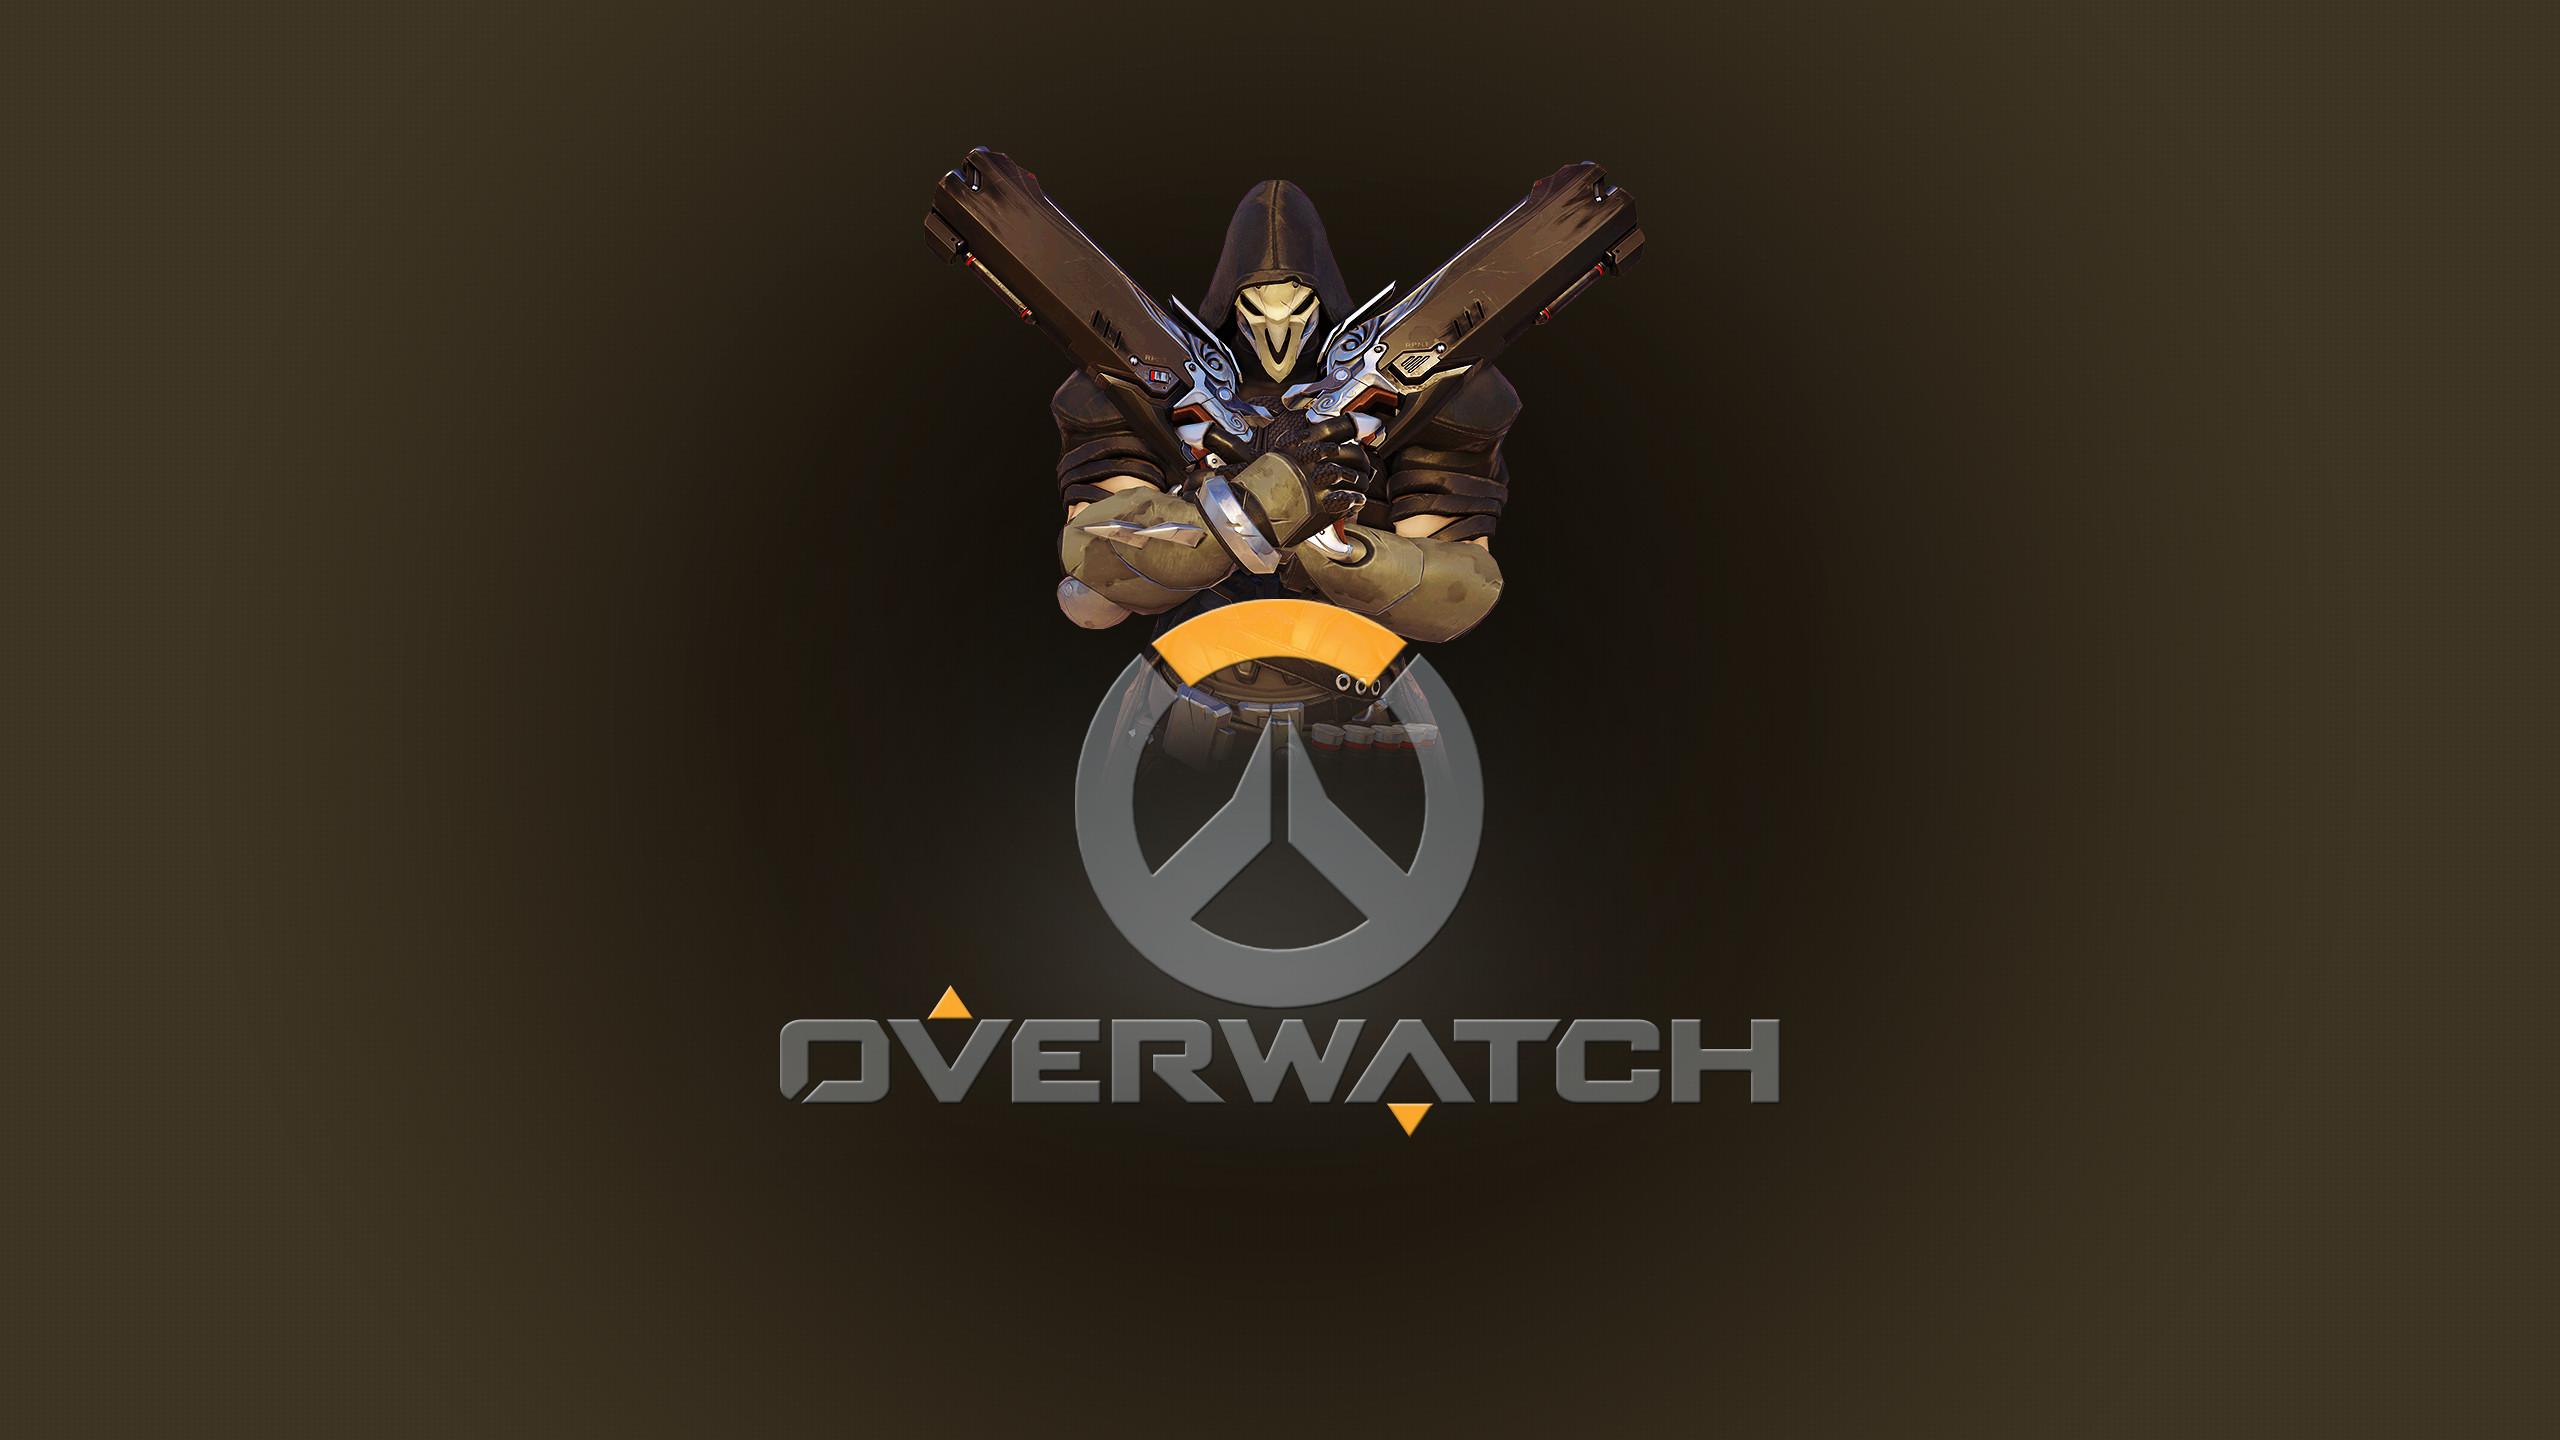 Overwatch Characters Wallpaper Overwatch Desktop Background